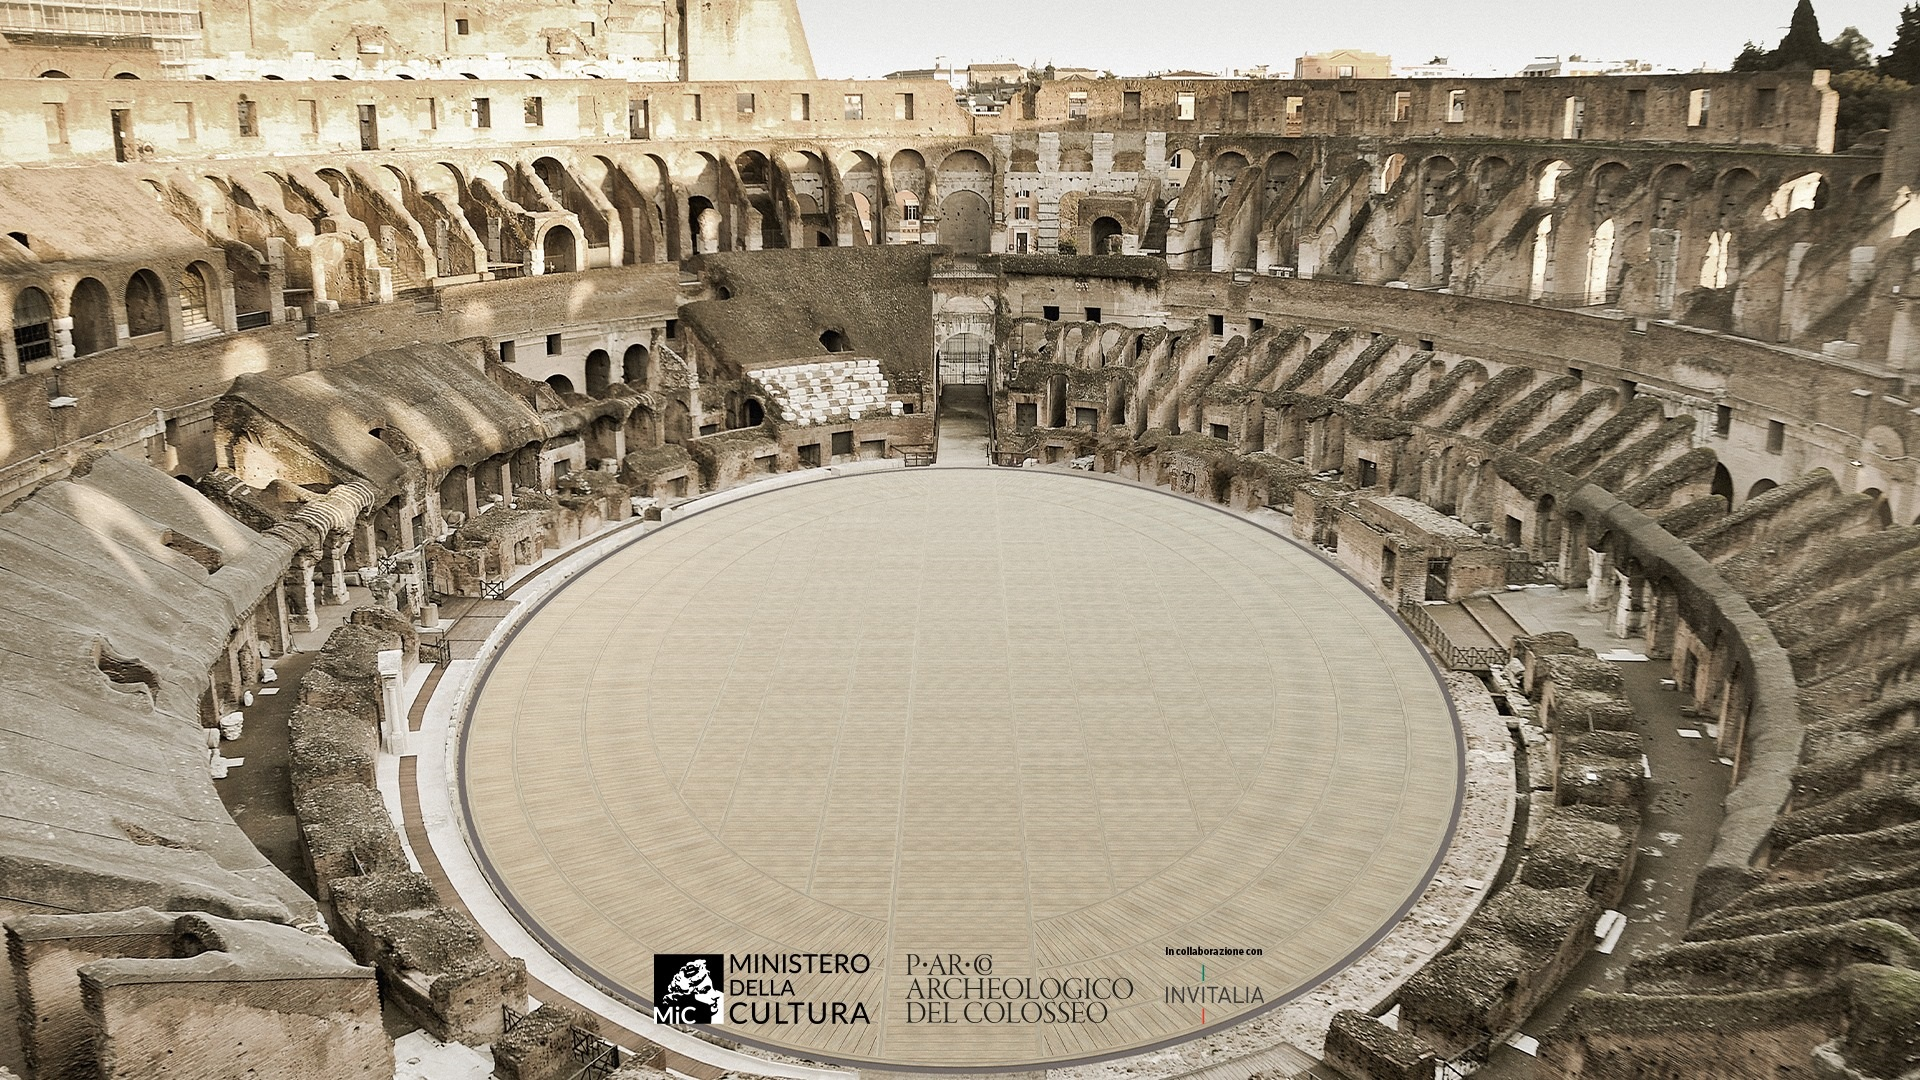 Sarà ricostruita l'arena del Colosseo. Un evento storico: cosa cambierà per i visitatori?